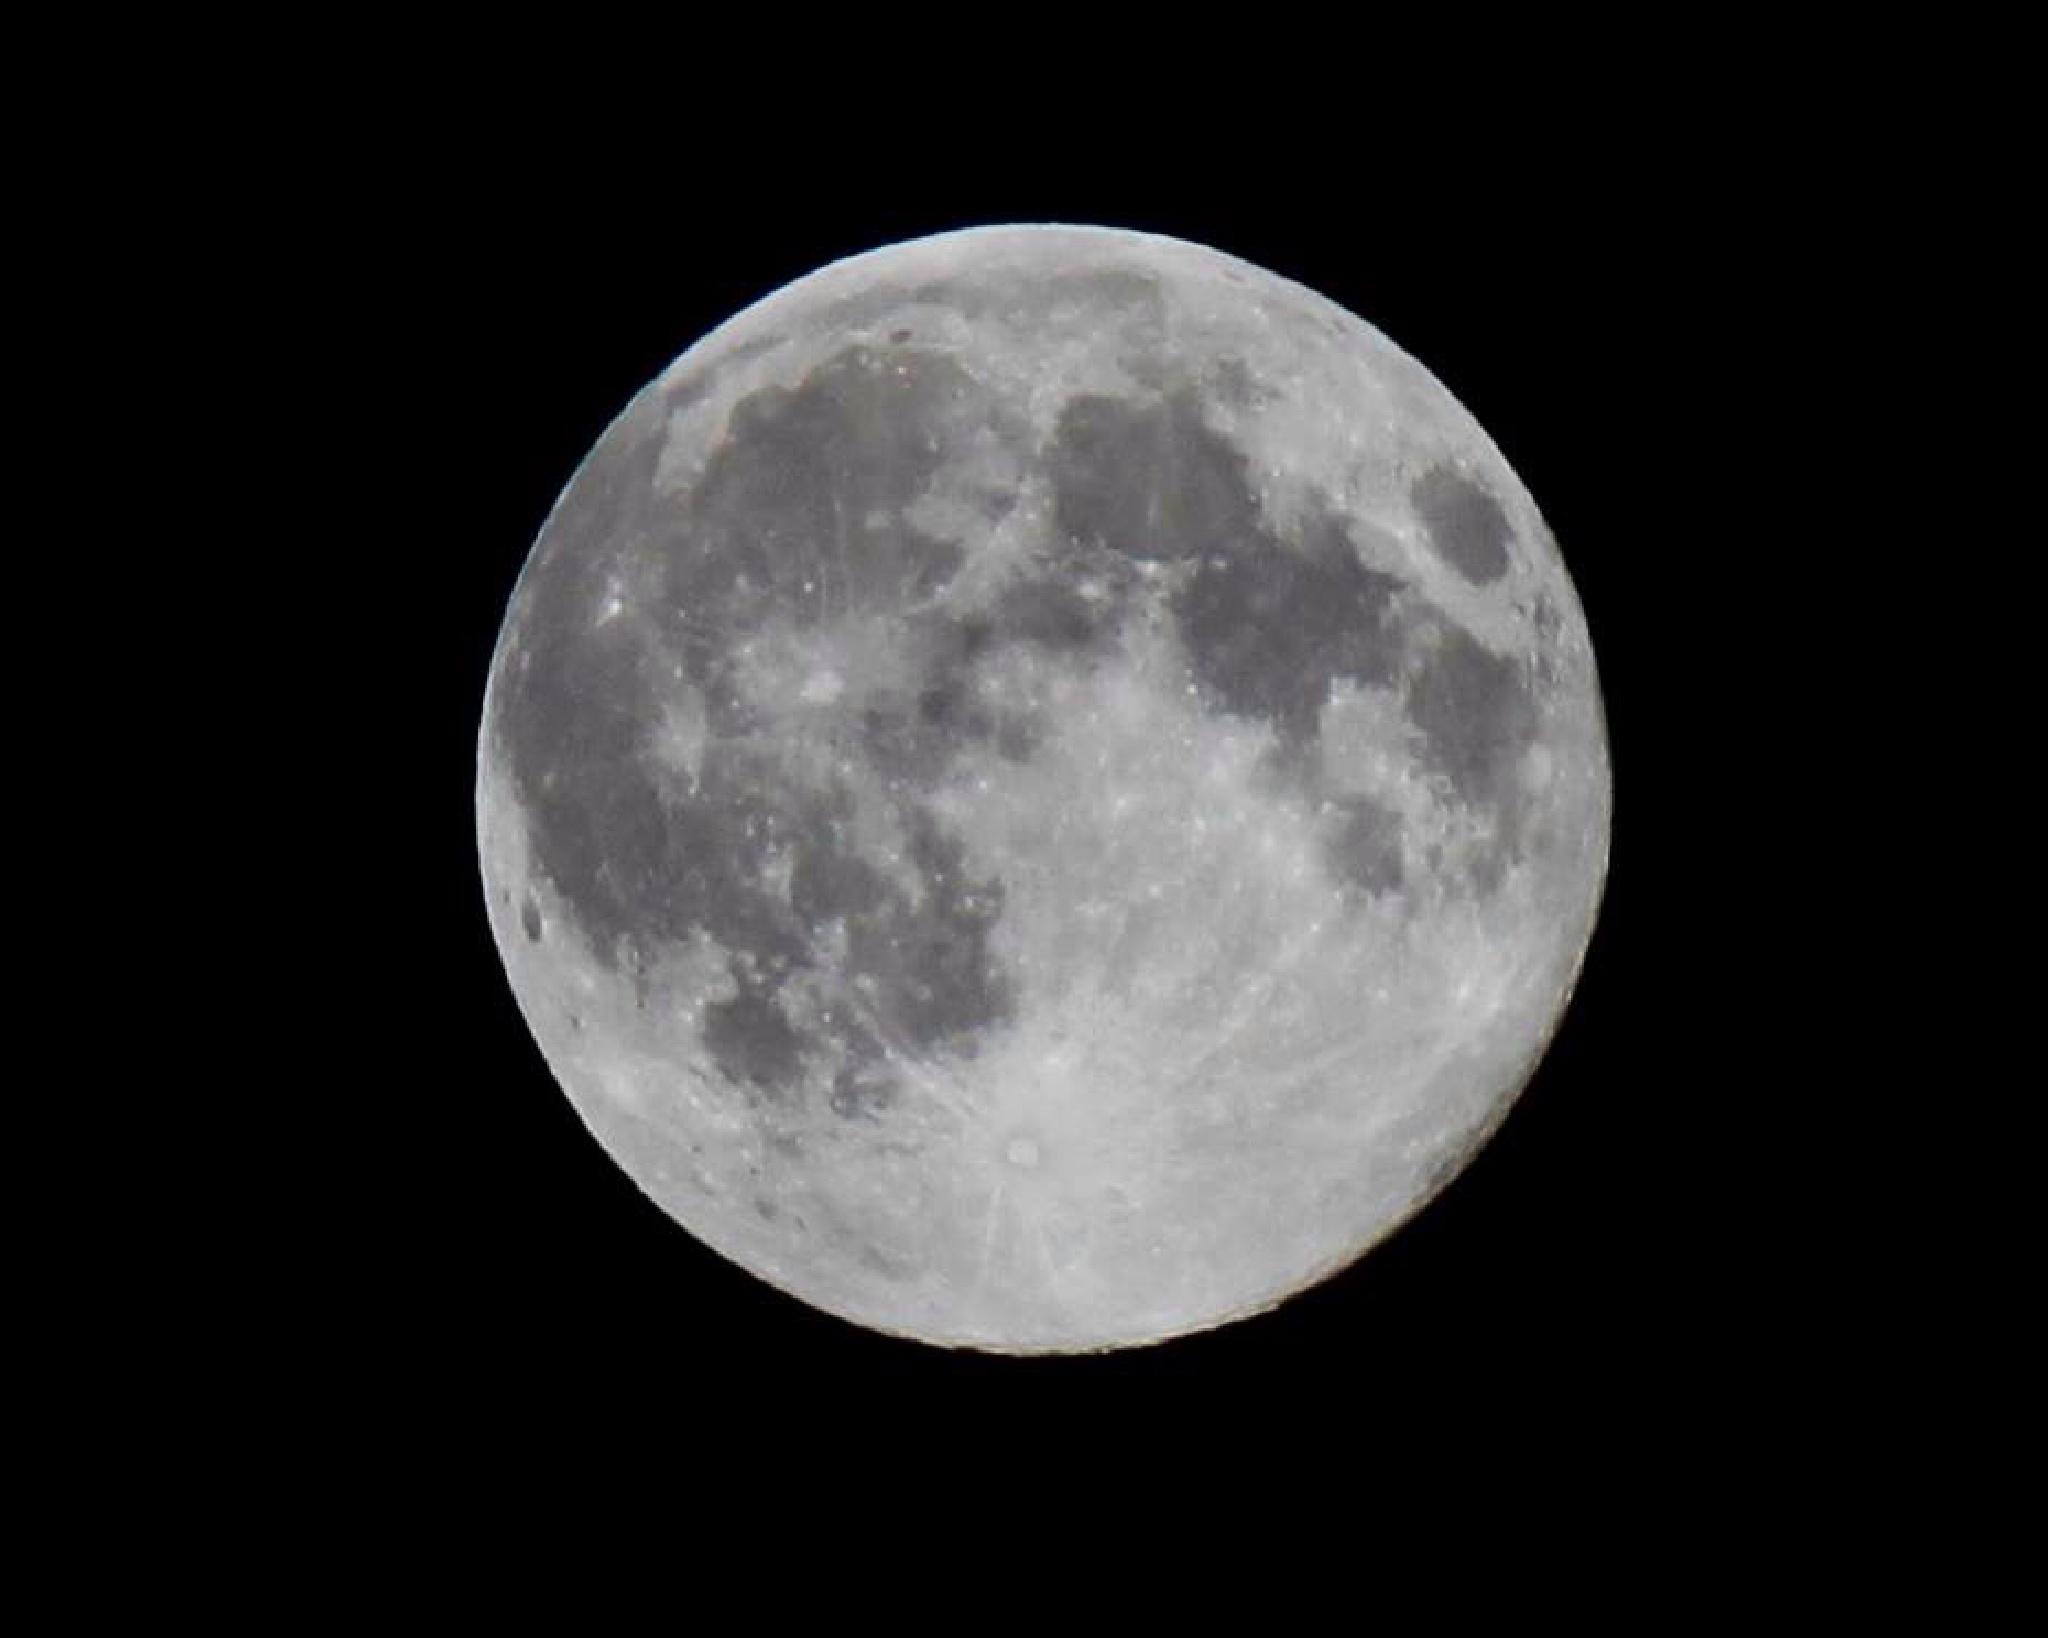 Full Moon by Joe Boyes